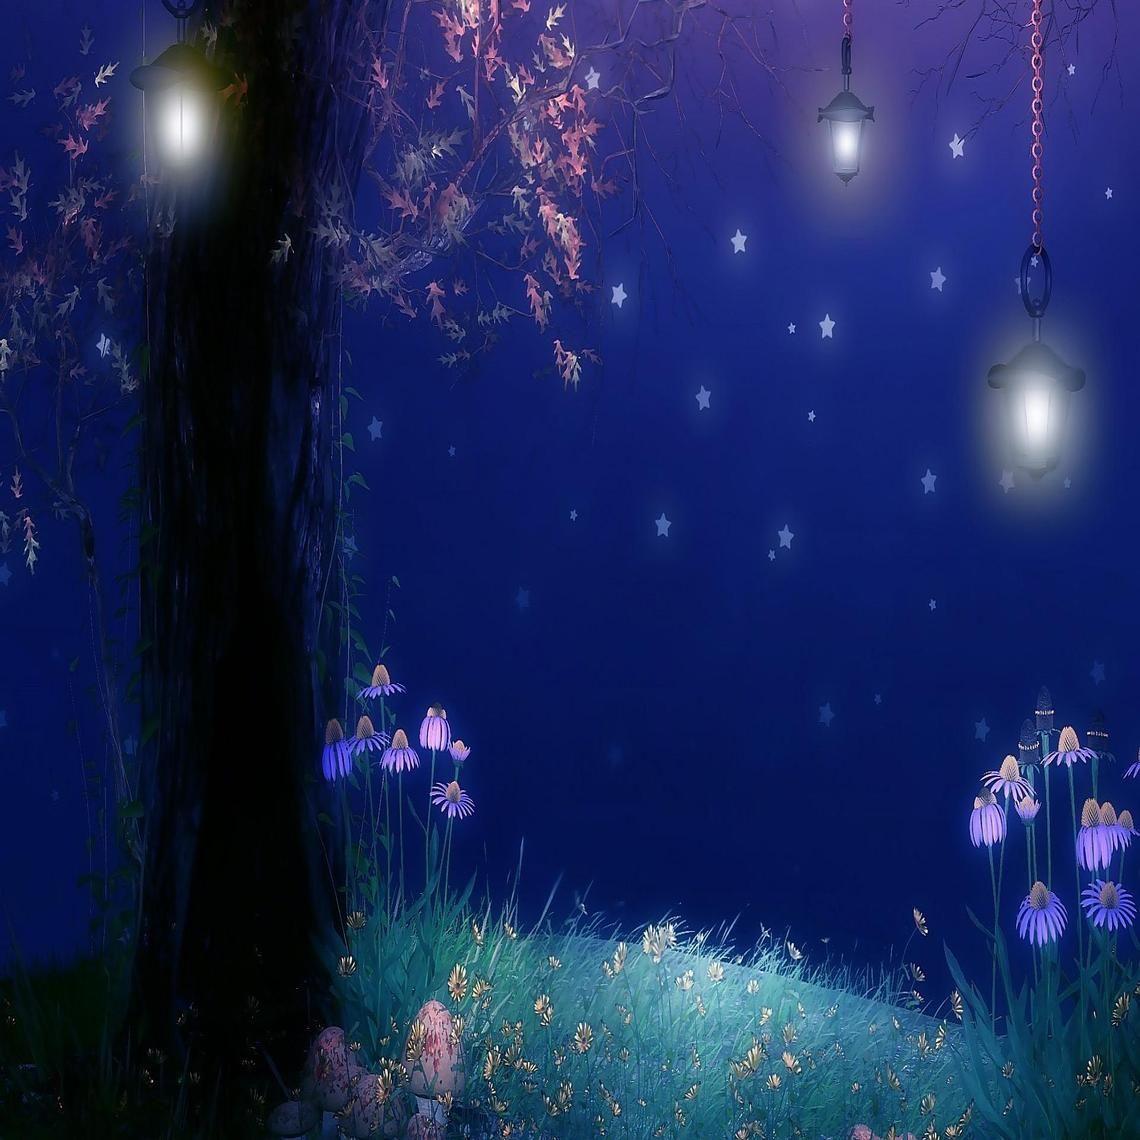 Best Wallpaper Night Fairy - 7ed6e99638c6fe2d817810678cc4cbfb  Trends-149556.jpg